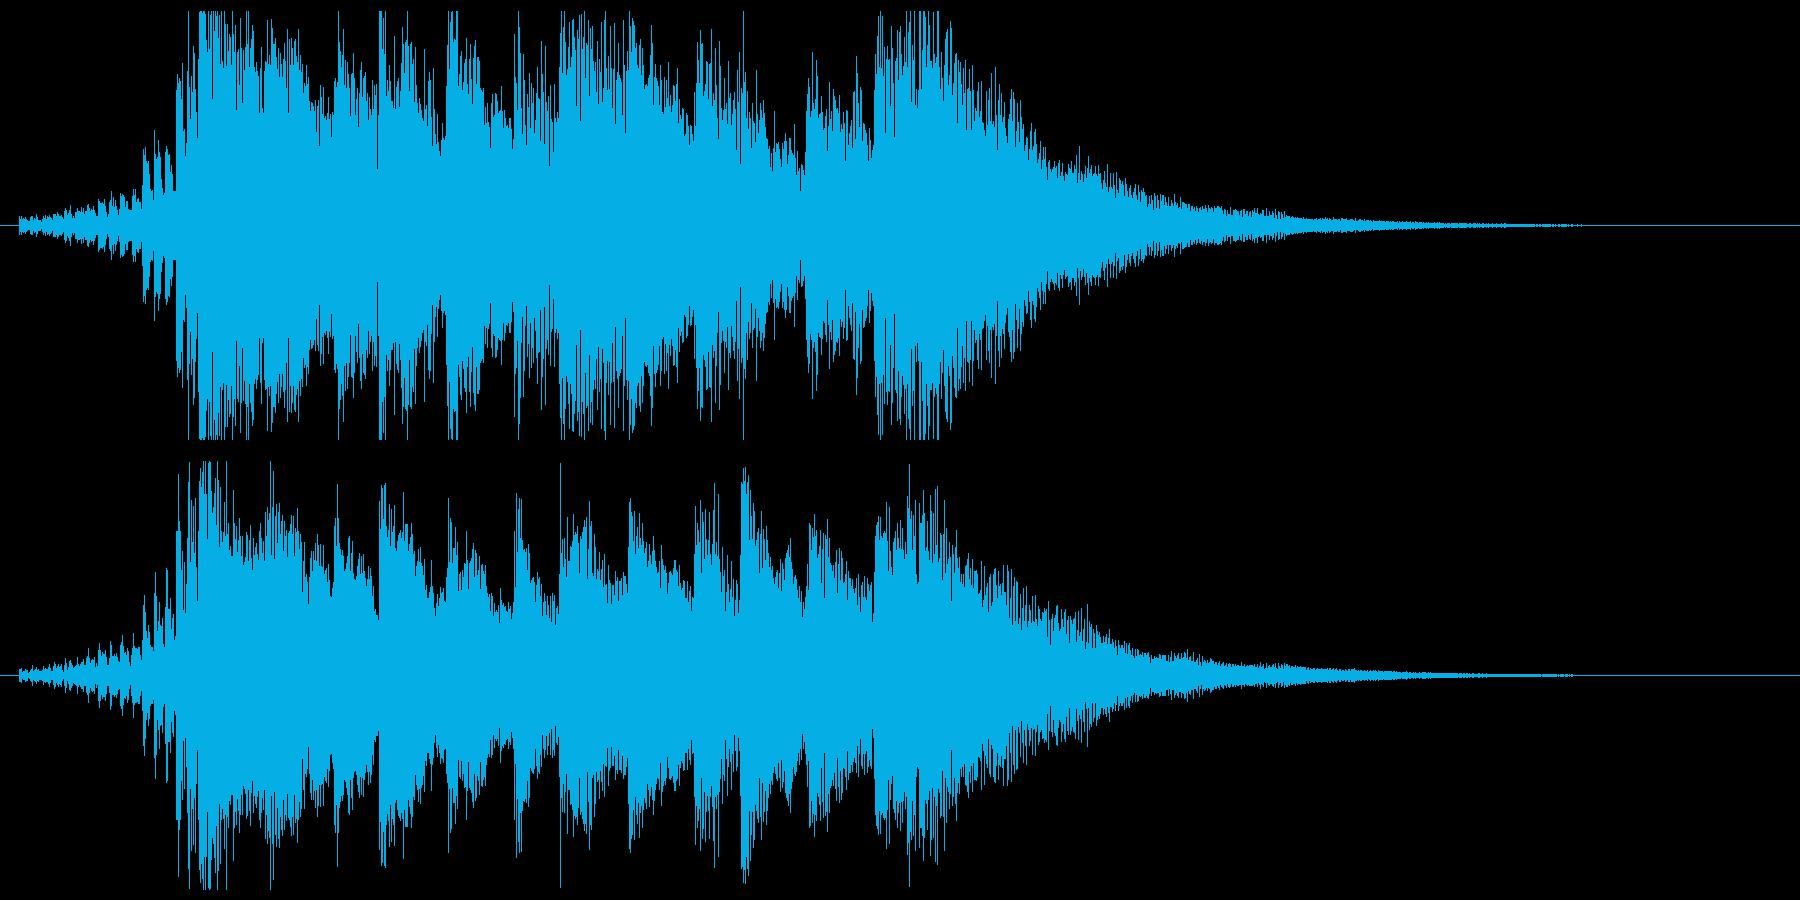 ニュース番組オープニング風BGM(10秒の再生済みの波形